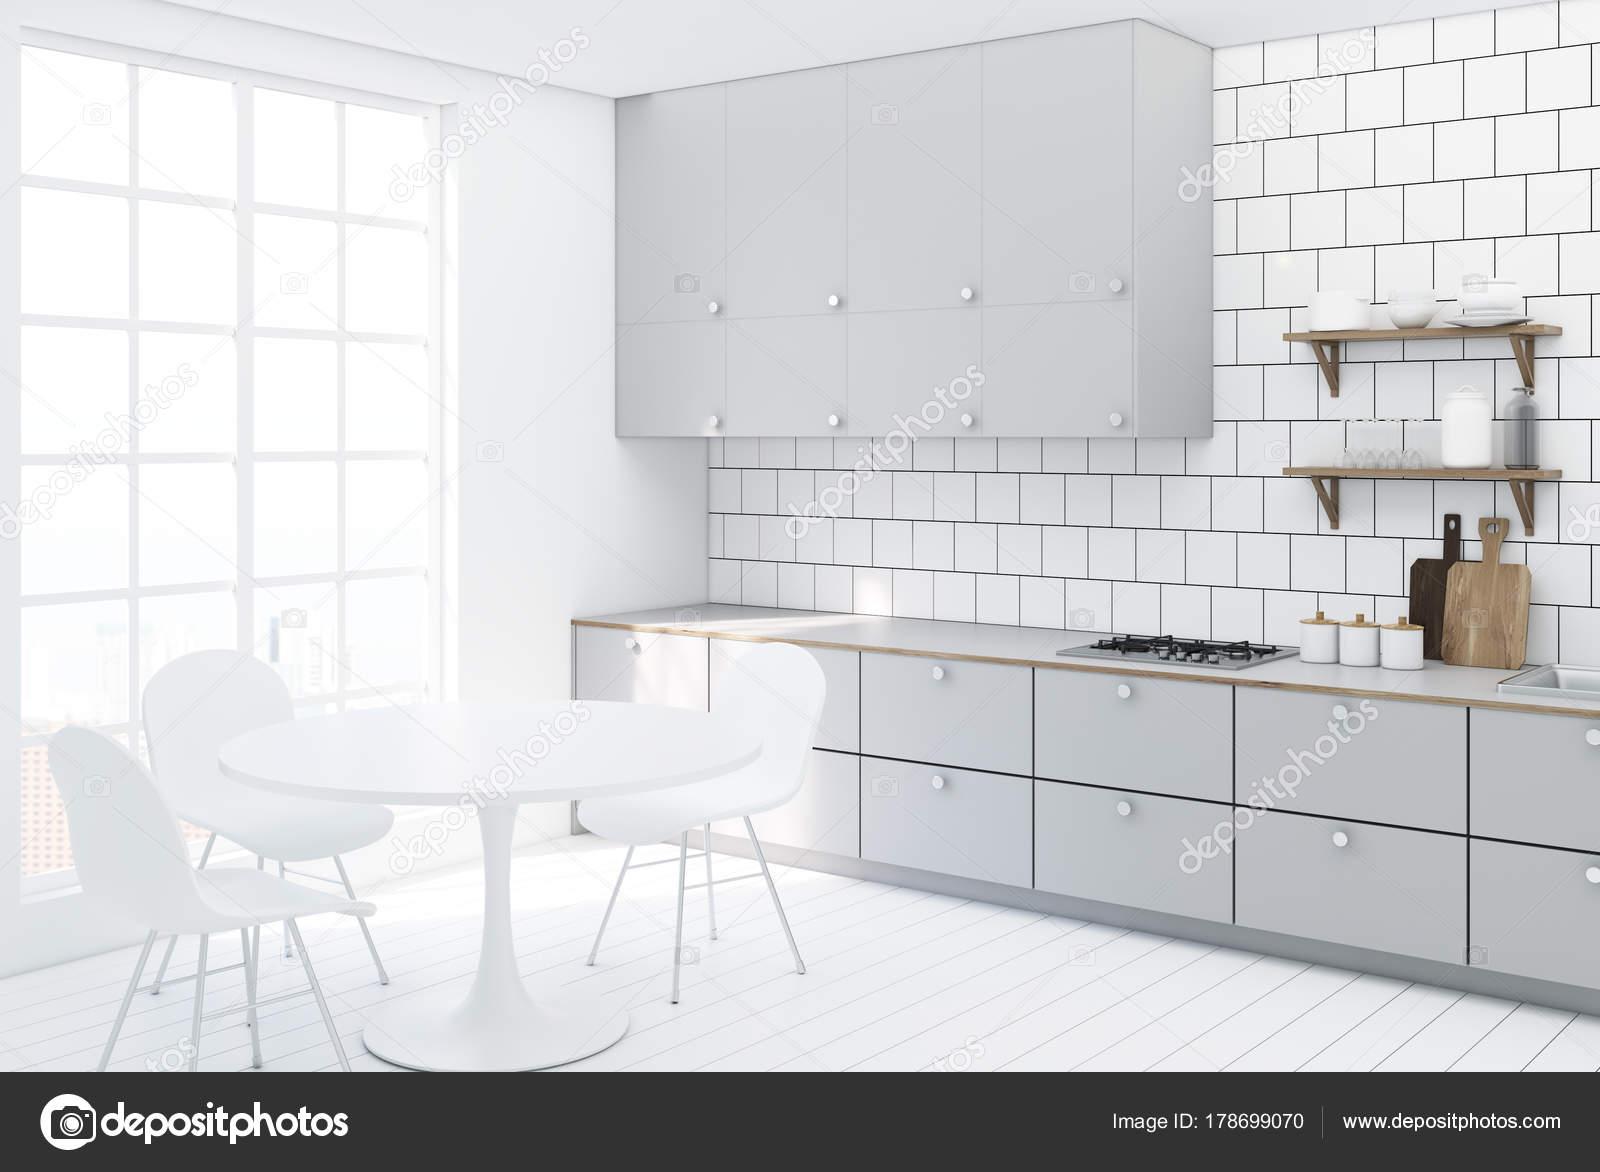 Con piastrelle bianche e lato controsoffitto cucina grigio u foto